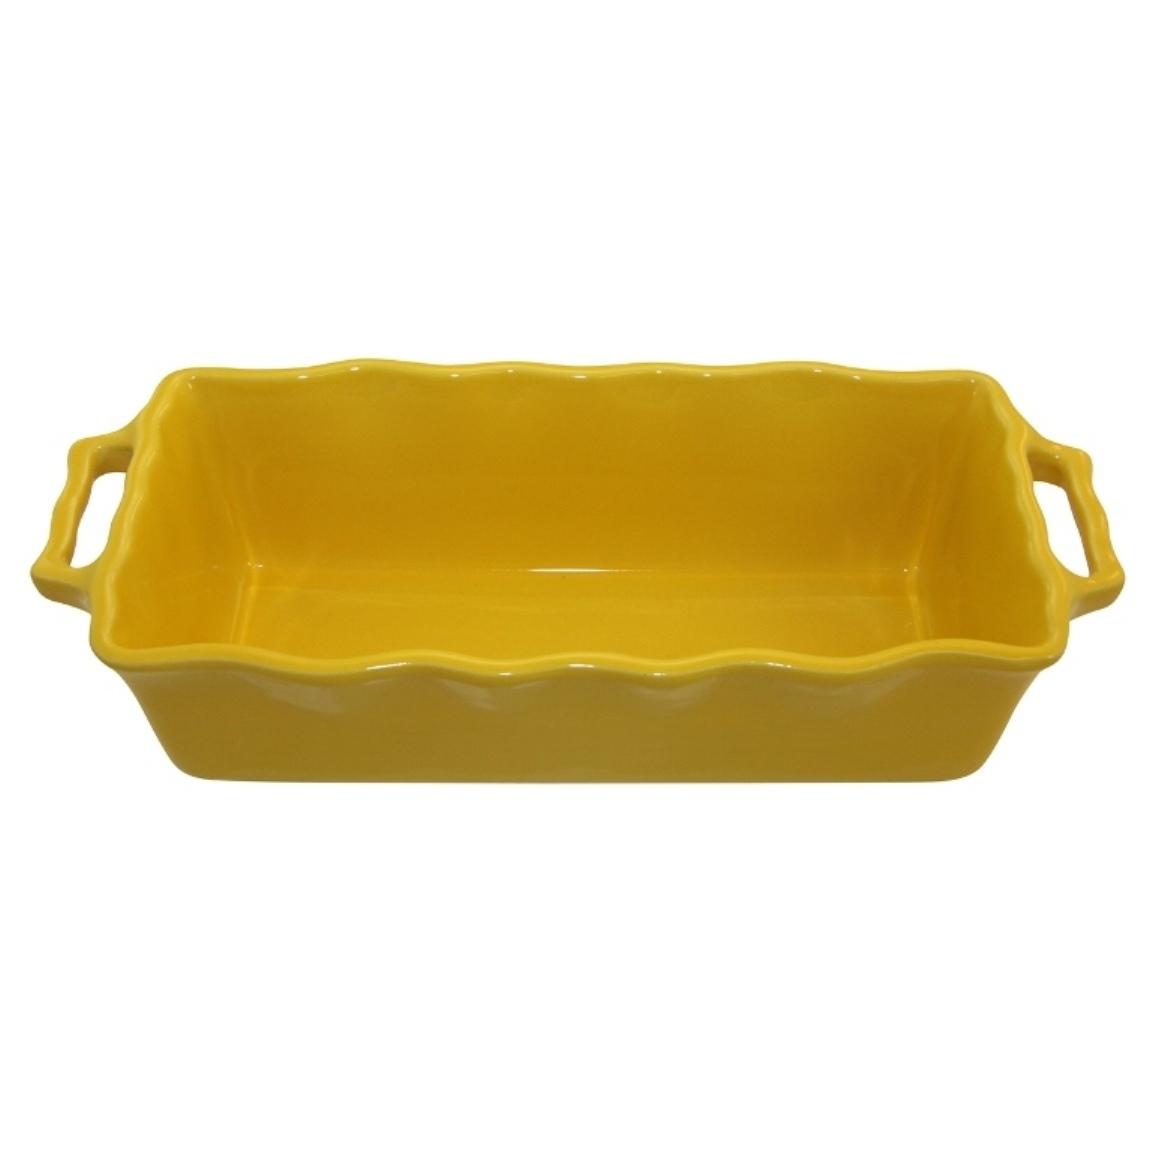 Форма для кекса 33 см Appolia Delices GRAPEFRUIT 112033077Формы для запекания (выпечки)<br>Форма для кекса 33 см Appolia Delices GRAPEFRUIT 112033077<br><br>Благодаря большому разнообразию изящных форм и широкой цветовой гамме, коллекция DELICES предлагает всевозможные варианты приготовления блюд для себя и гостей. Выбирайте цвета в соответствии с вашими желаниями и вашей кухне. Закругленные углы облегчают чистку. Легко использовать. Большие удобные ручки. Прочная жароустойчивая керамика экологична и изготавливается из высококачественной глины. Прочная глазурь устойчива к растрескиванию и сколам, не содержит свинца и кадмия. Глина обеспечивает медленный и равномерный нагрев, деликатное приготовление с сохранением всех питательных веществ и витаминов, а та же долго сохраняет тепло, что удобно при сервировке горячих блюд.<br>